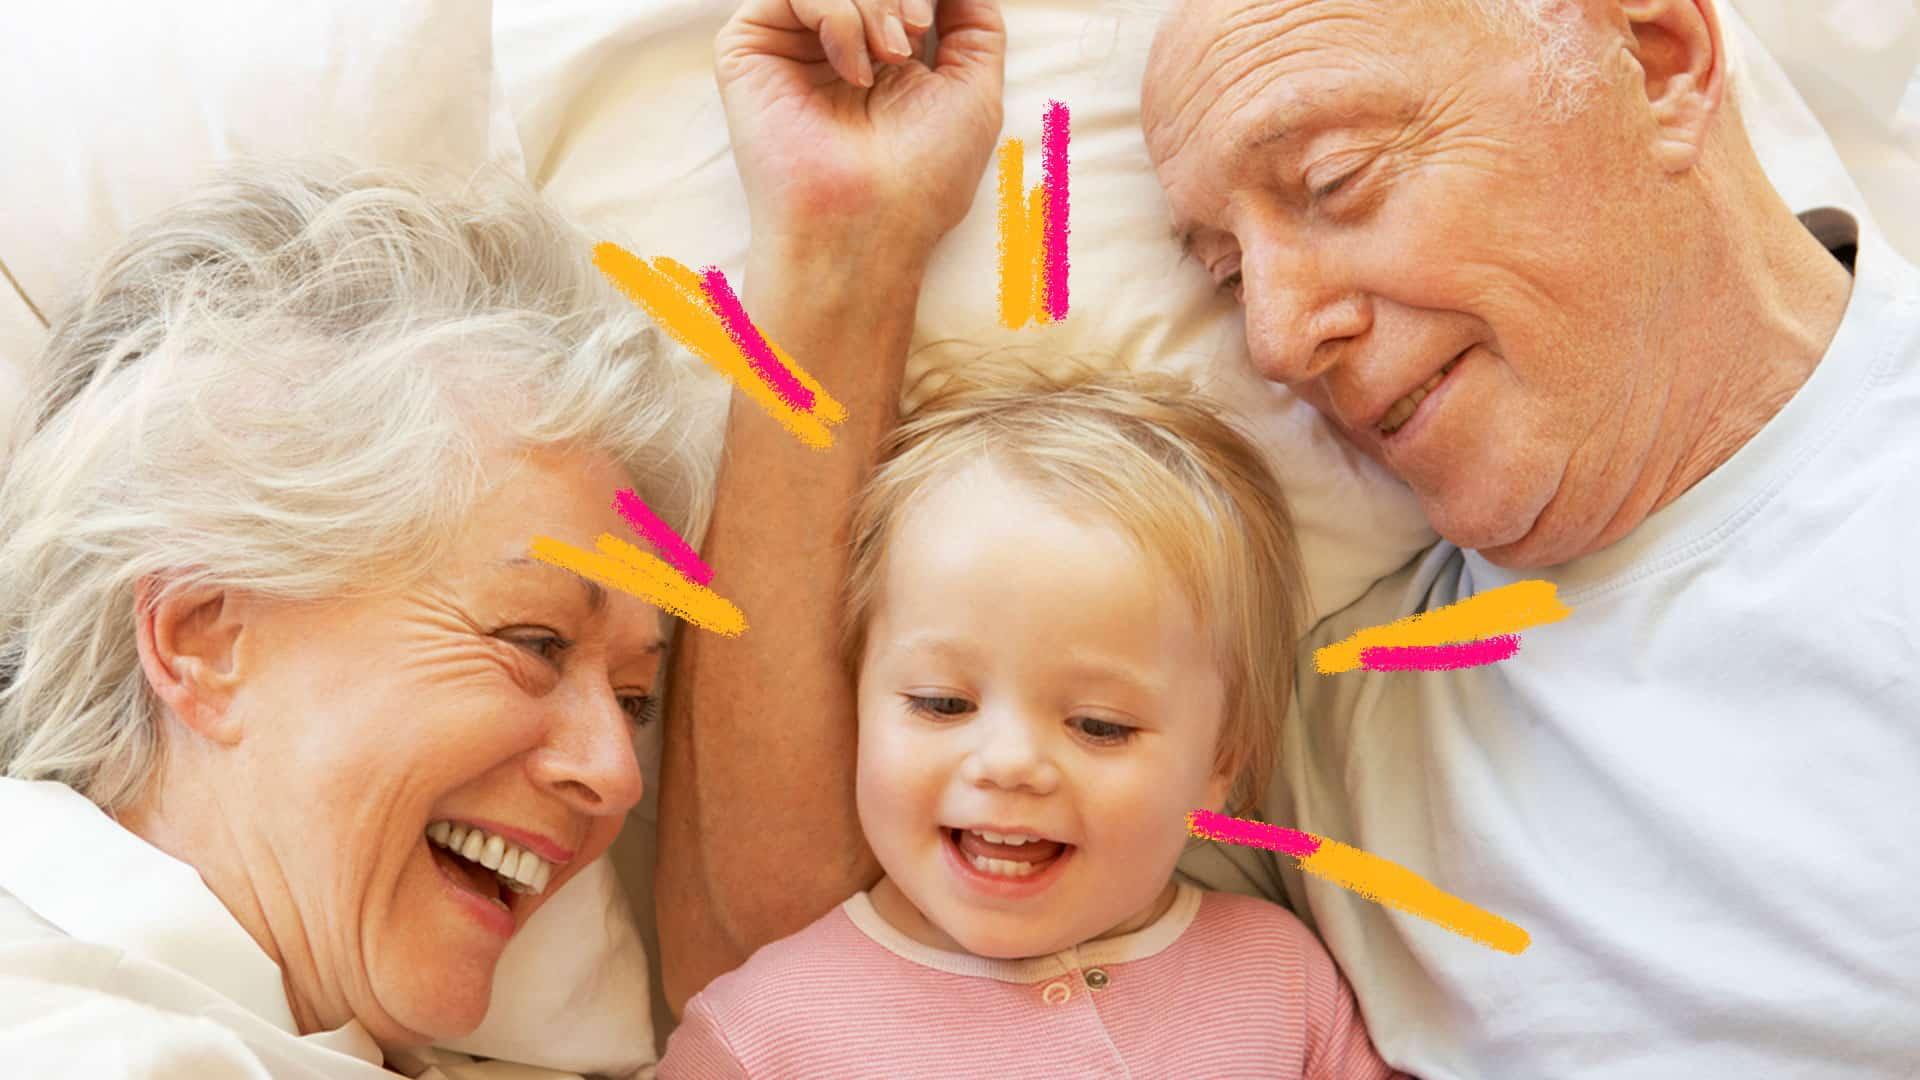 Dia dos avós - Por que a data é comemorada em 26 de julho?